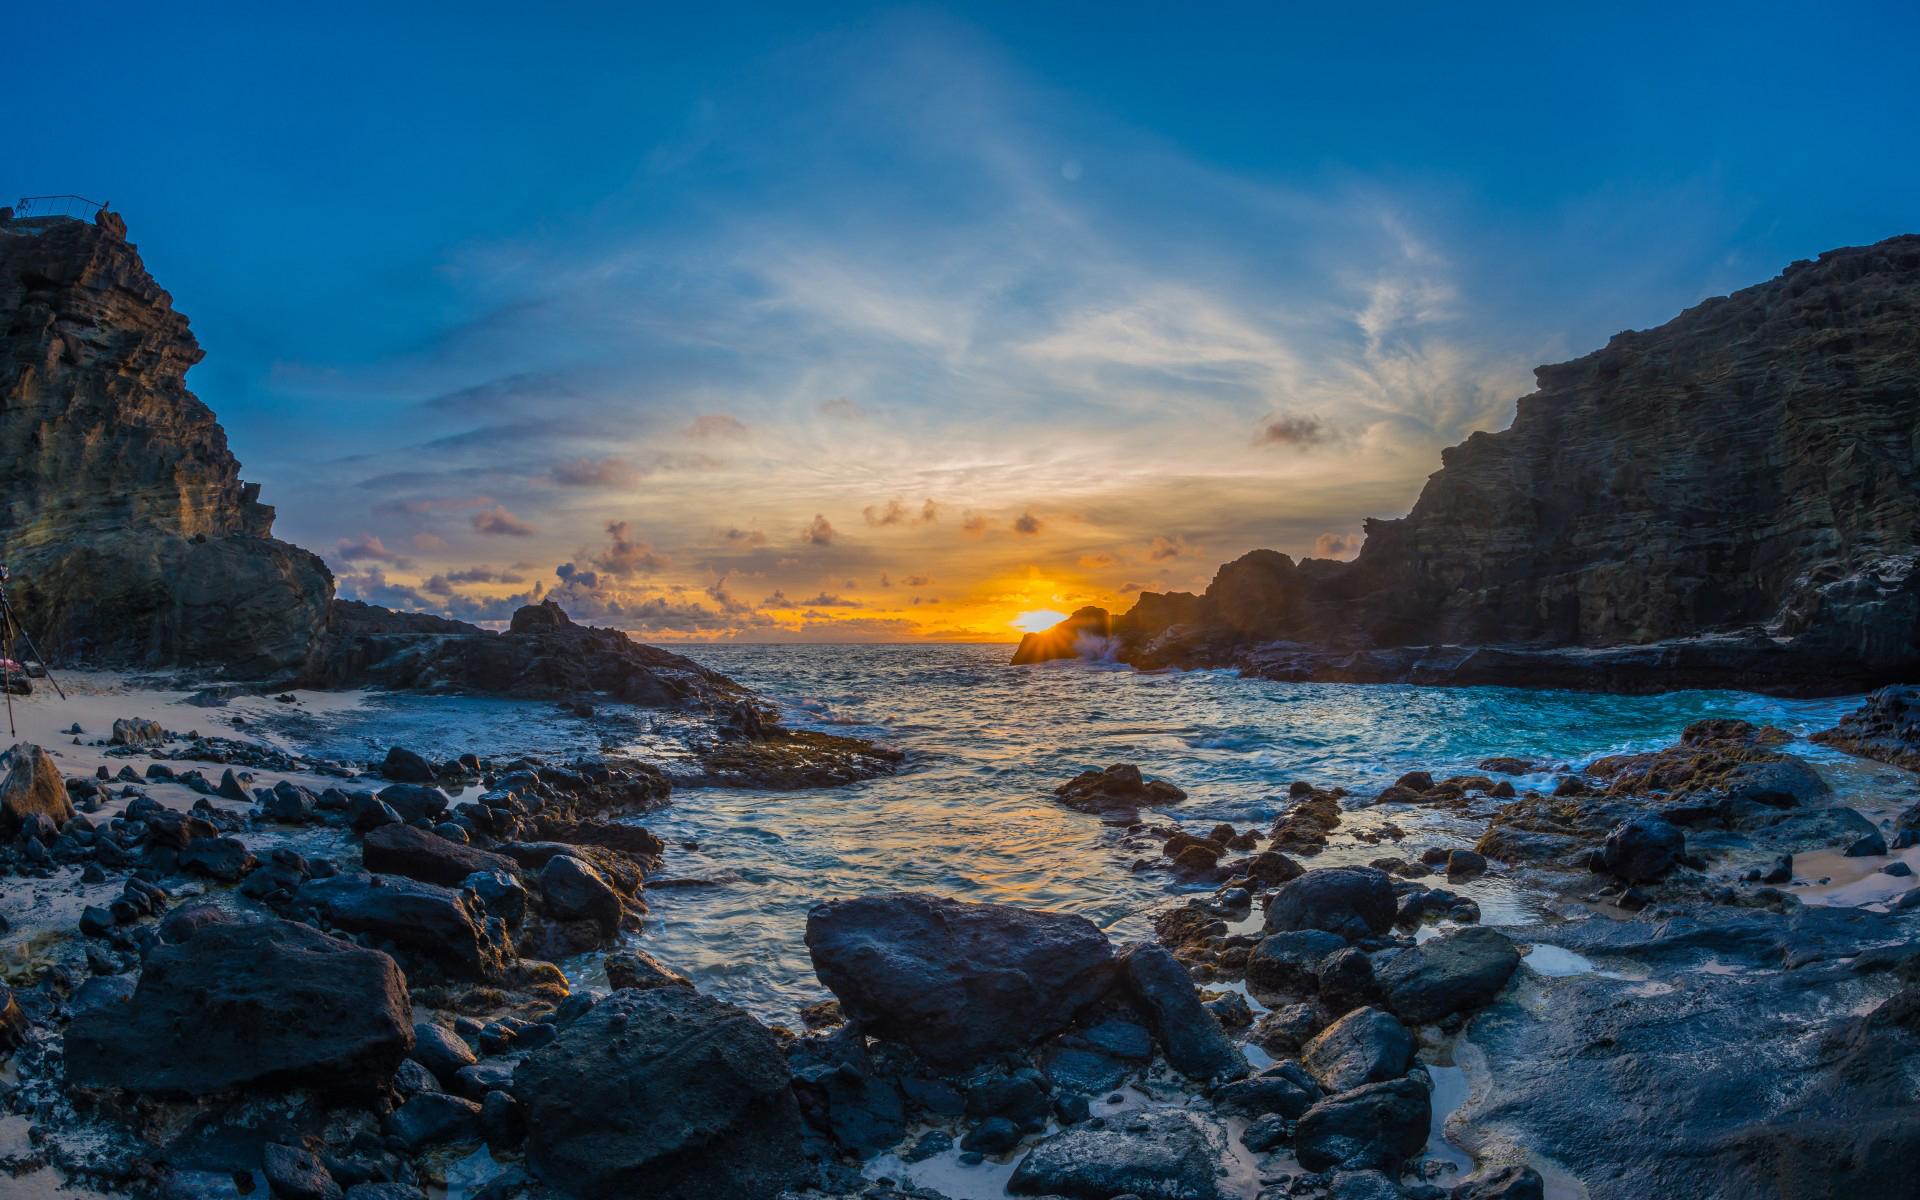 صور خلفيات HD متنوعة 2020 خلفيات طبيعية 2020 صور خلفيات جميلة بحر وسماء 48